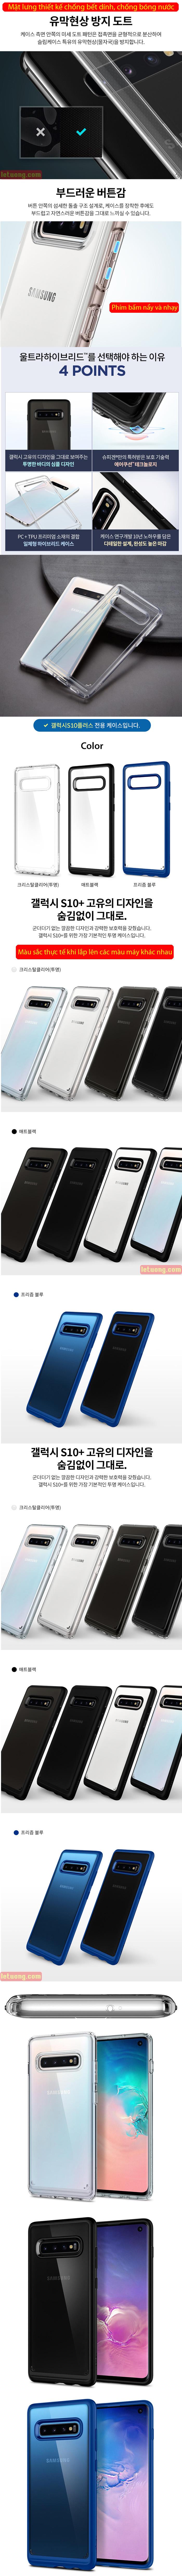 Ốp lưng Galaxy S10 Spigen Ultra Hybrid trong suốt ( Hàng USA ) 6